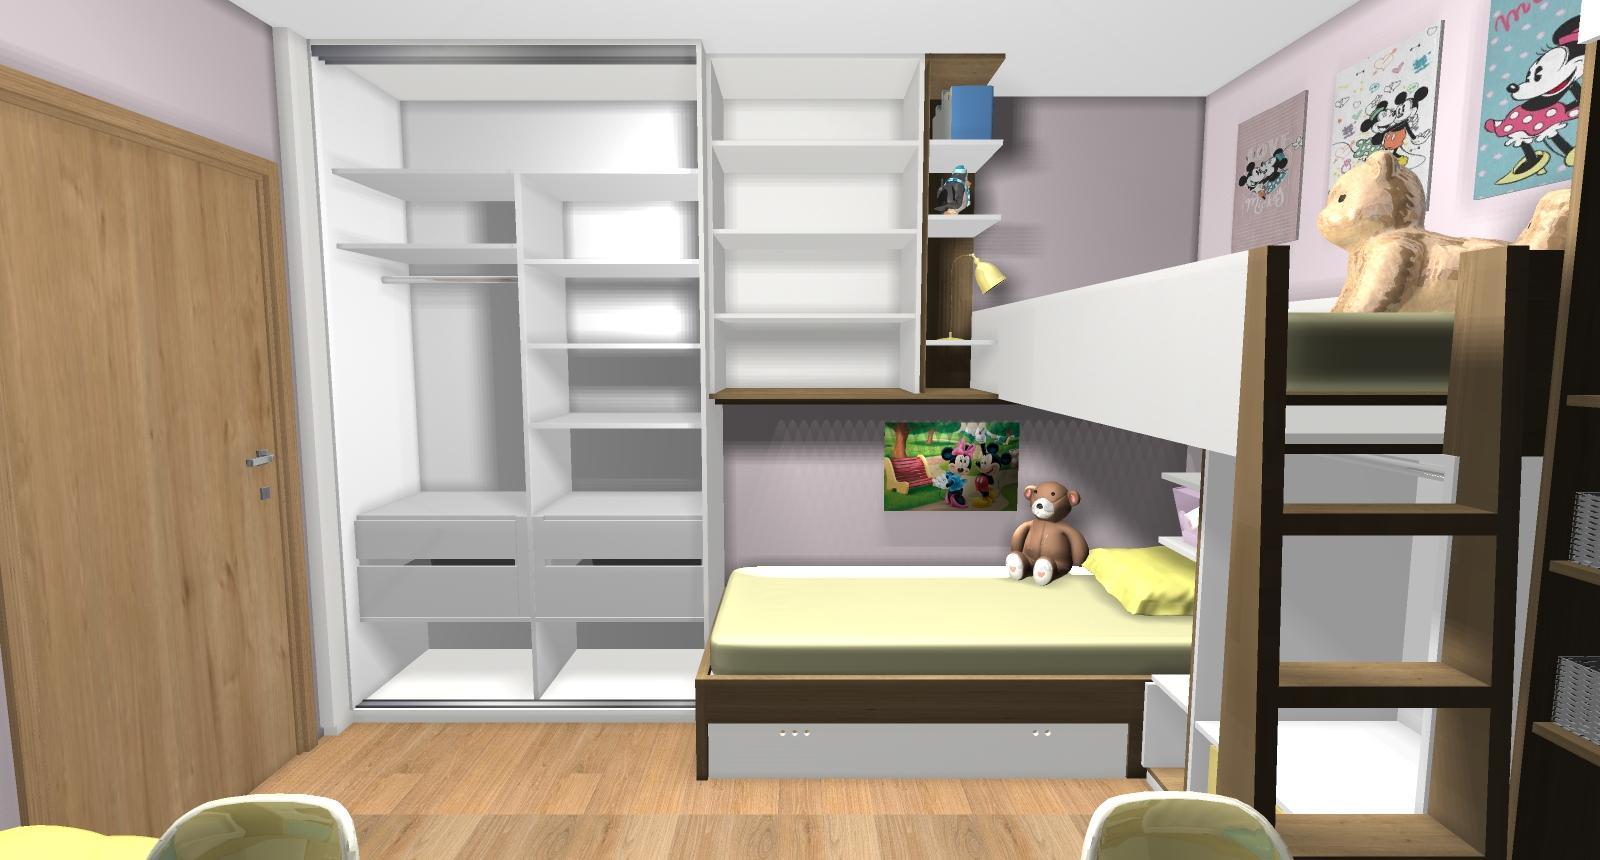 Grafické návrhy interiér 2019 - Grafický návrh detskej izby pre dve dievčatká - verzia 2 - obr.3